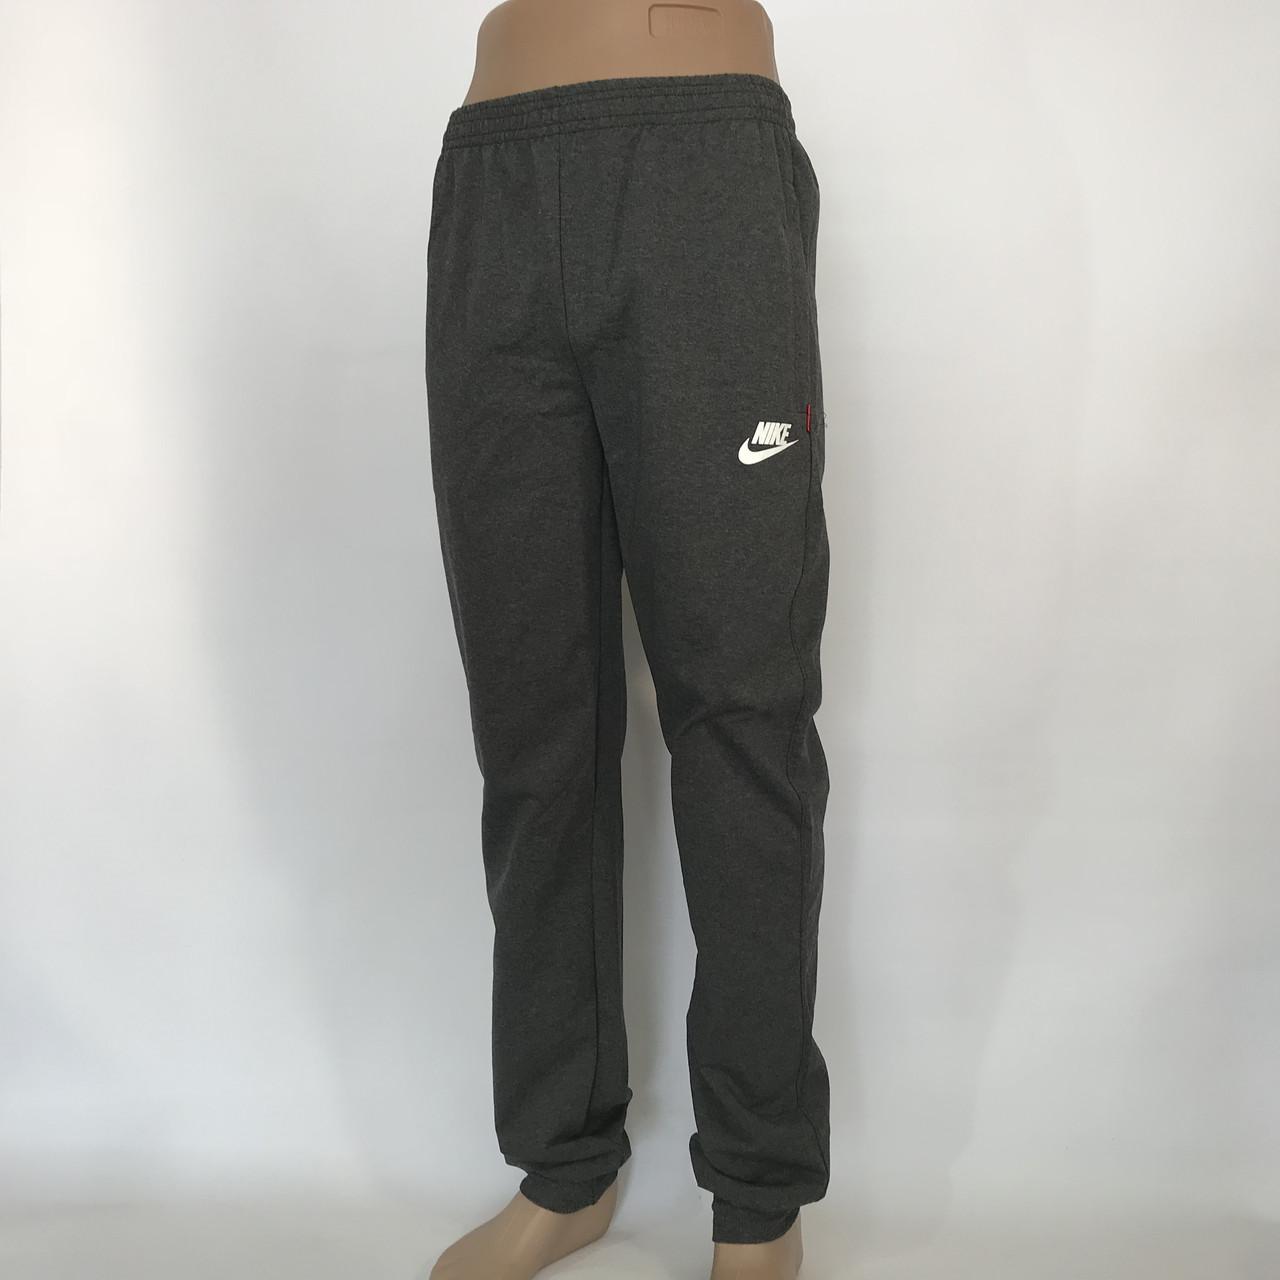 Спортивные штаны в стиле Nike под манжет 48, 50, 52, 54 / трикотажные / темно-серые